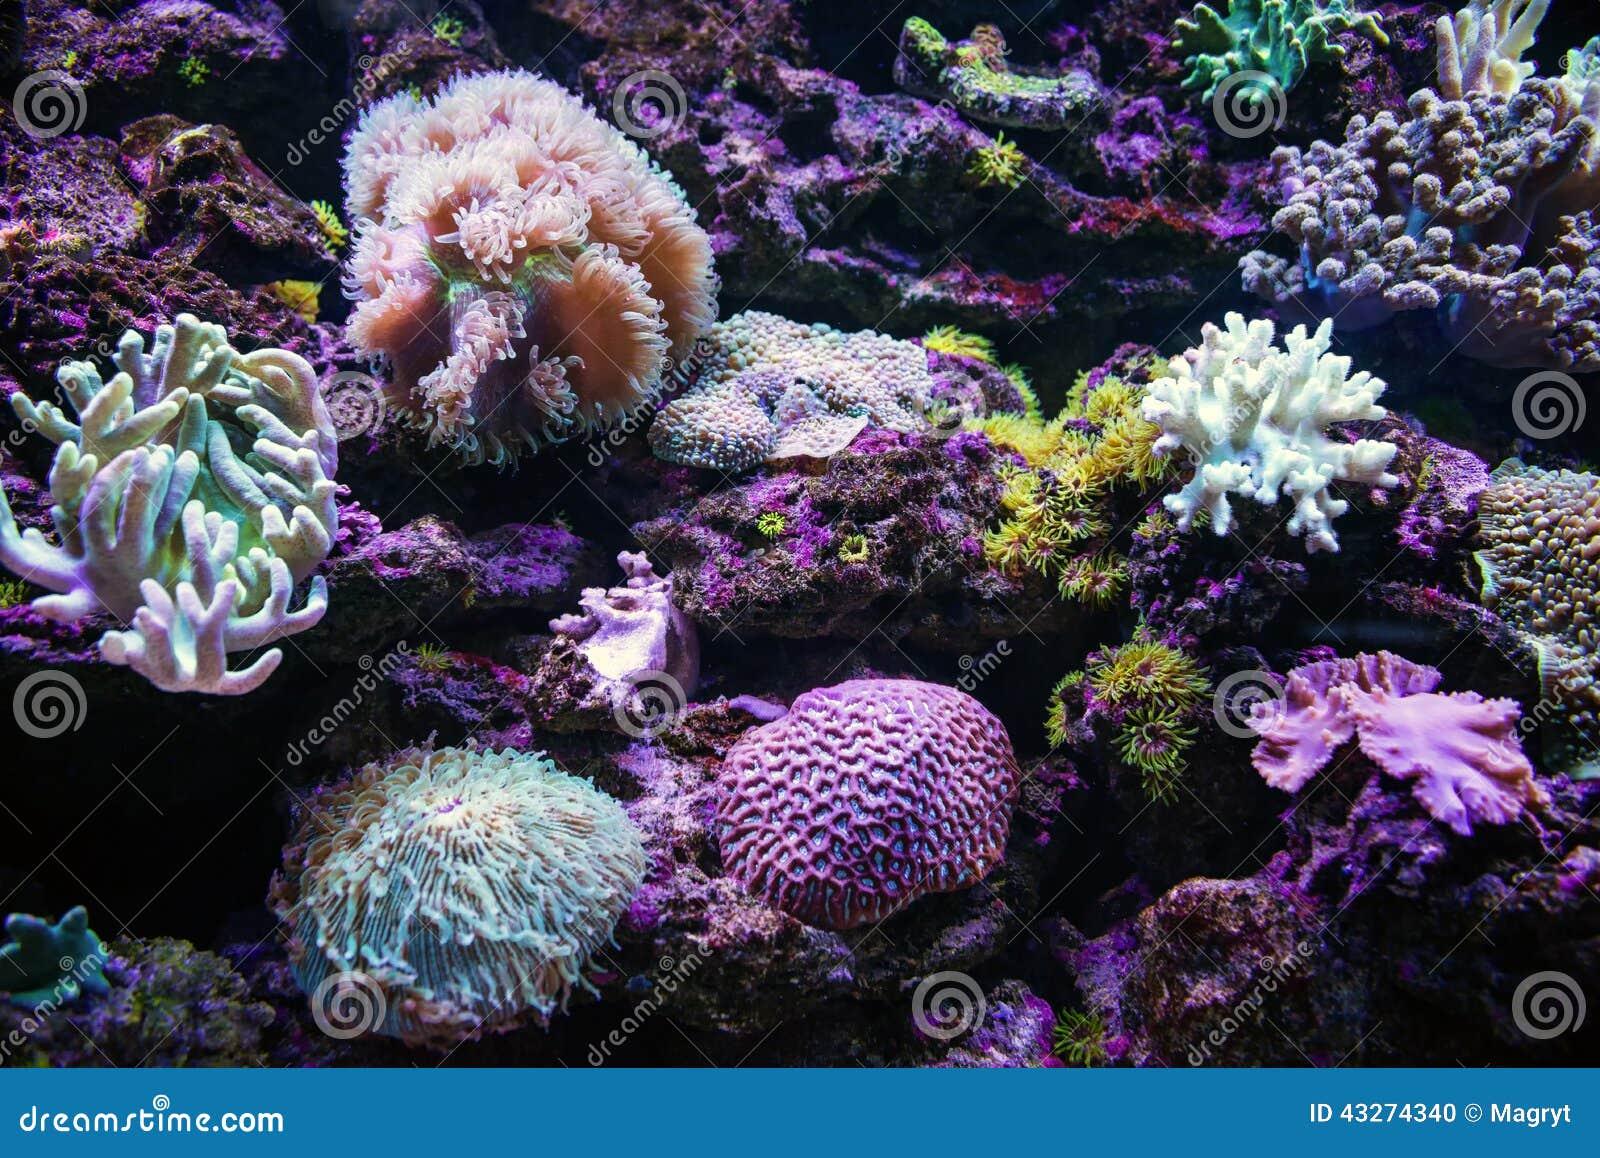 Красочные тропические коралловые рифы подводно